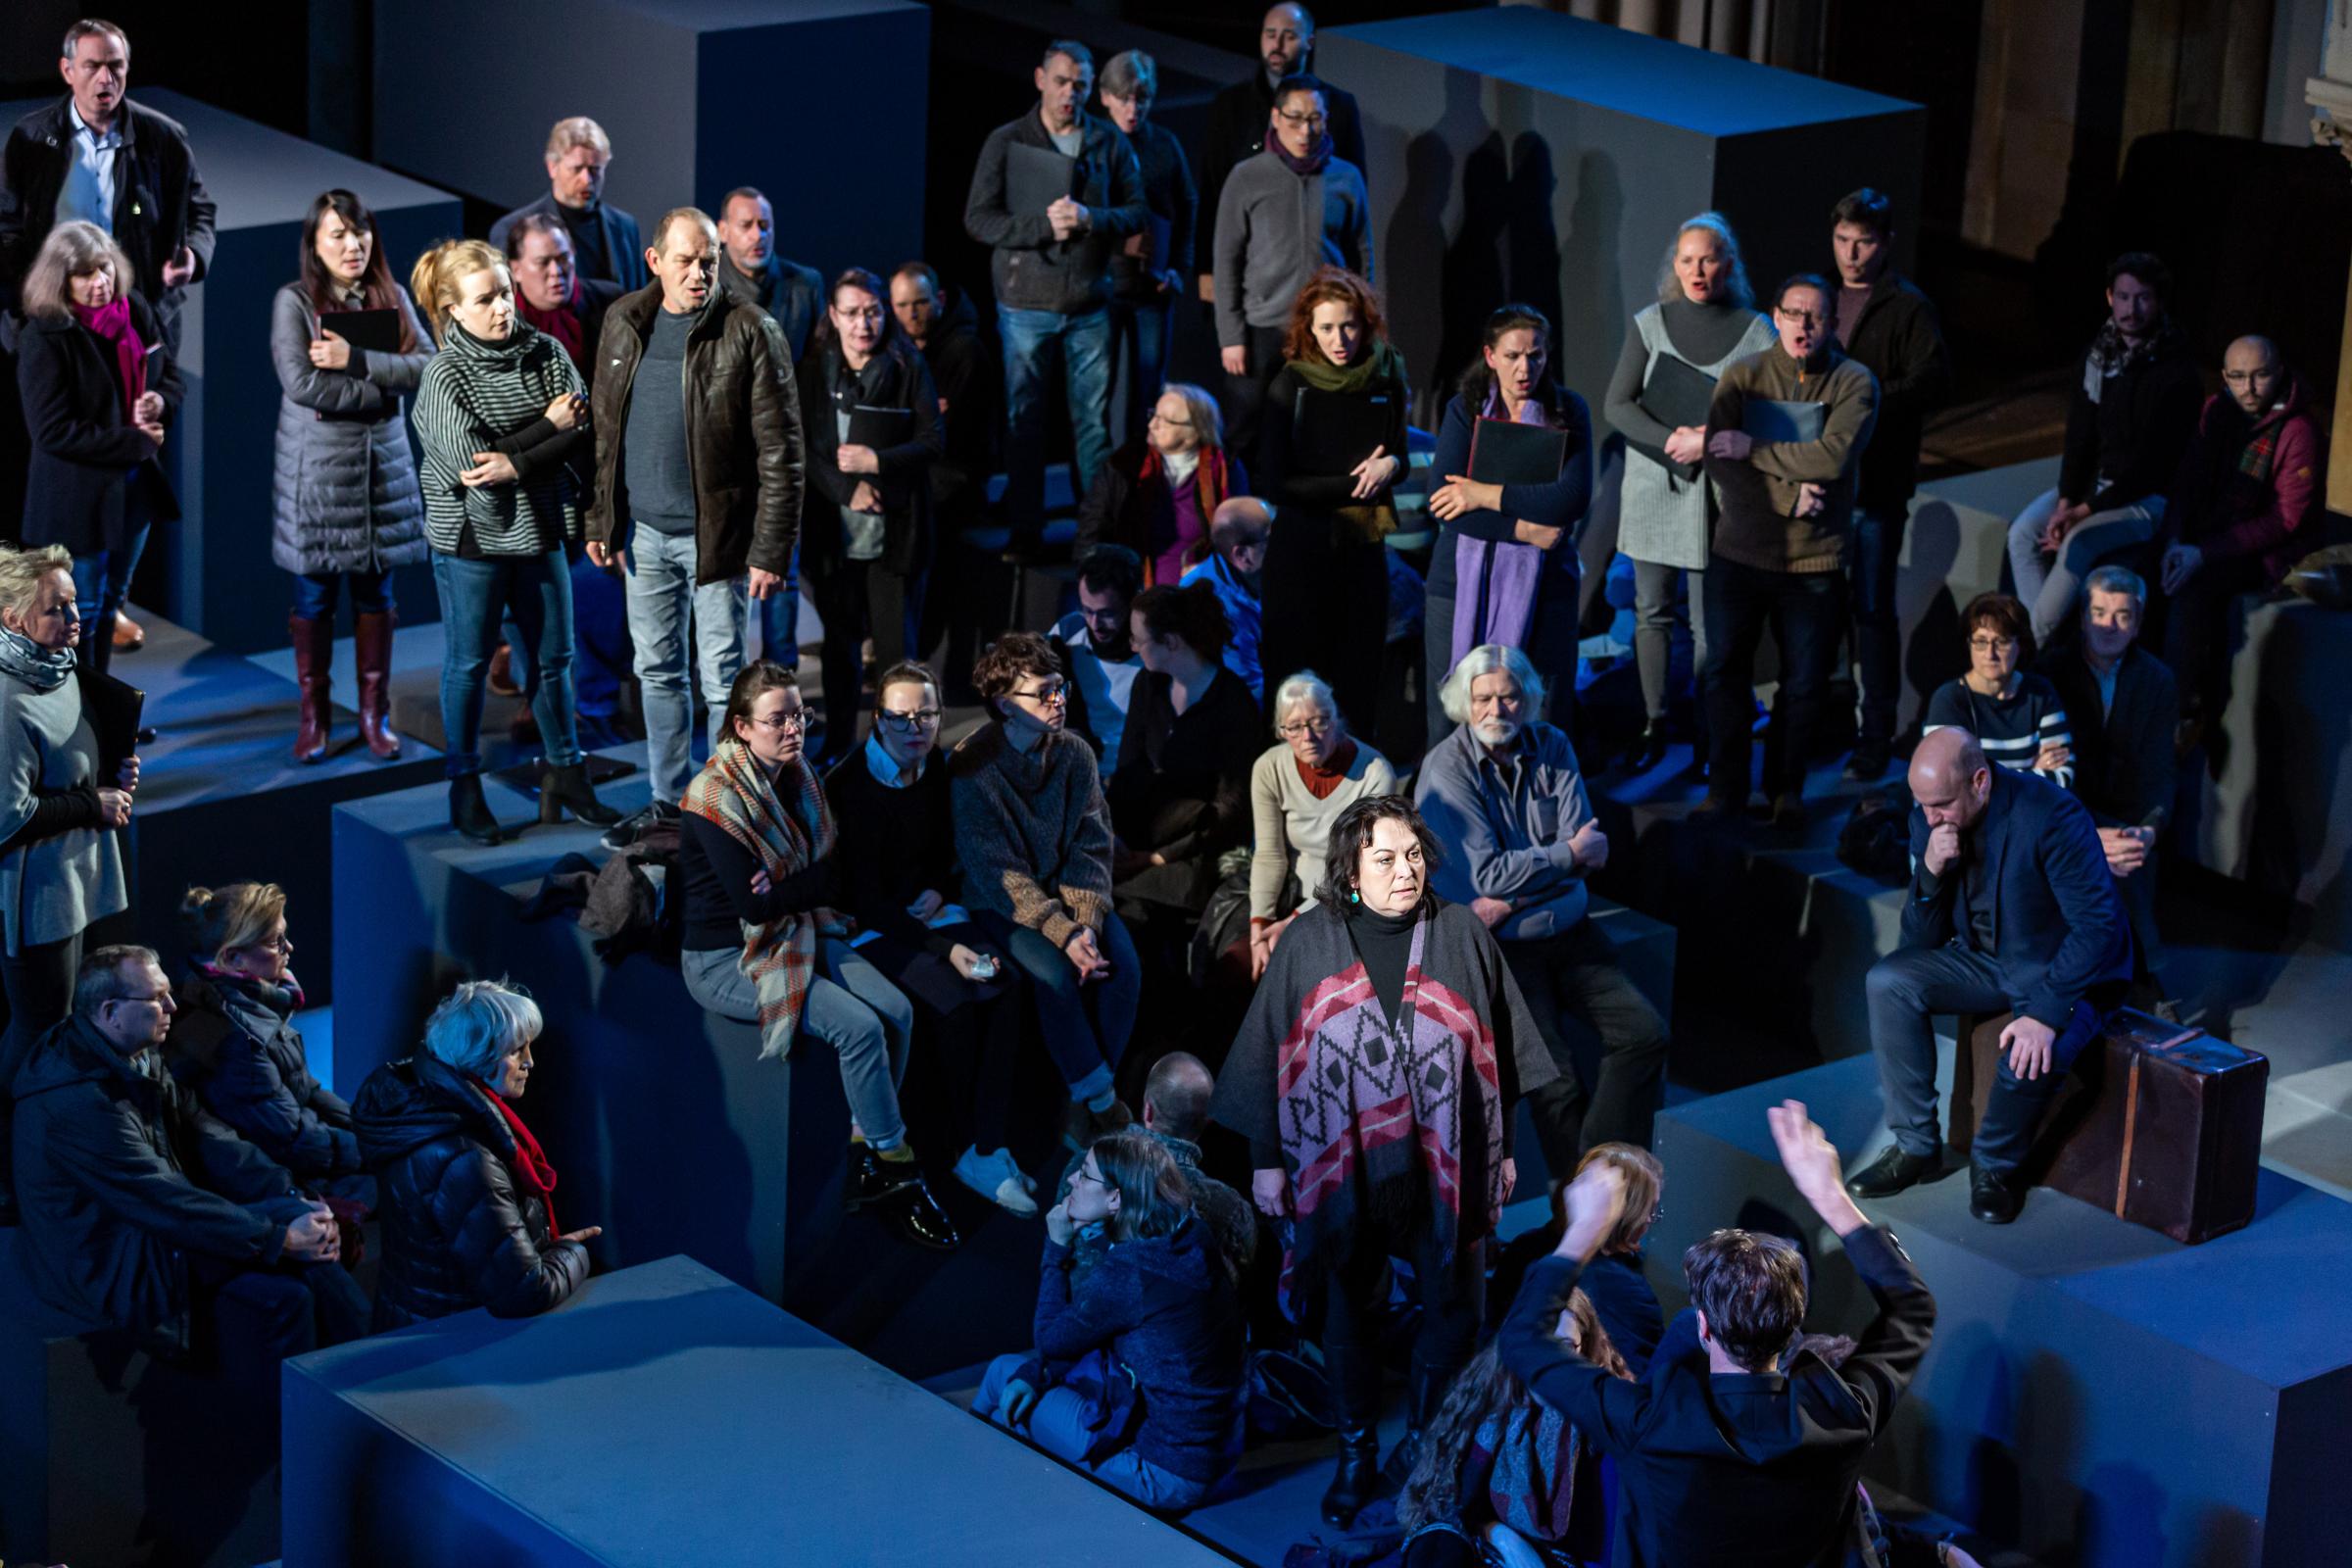 Das Foto wurde von oben aufgenommen. Man sieht das Publikum und vereinzelt dazwischen die Chromitglieder, erkennbar an ihren schwarzen Mappen.